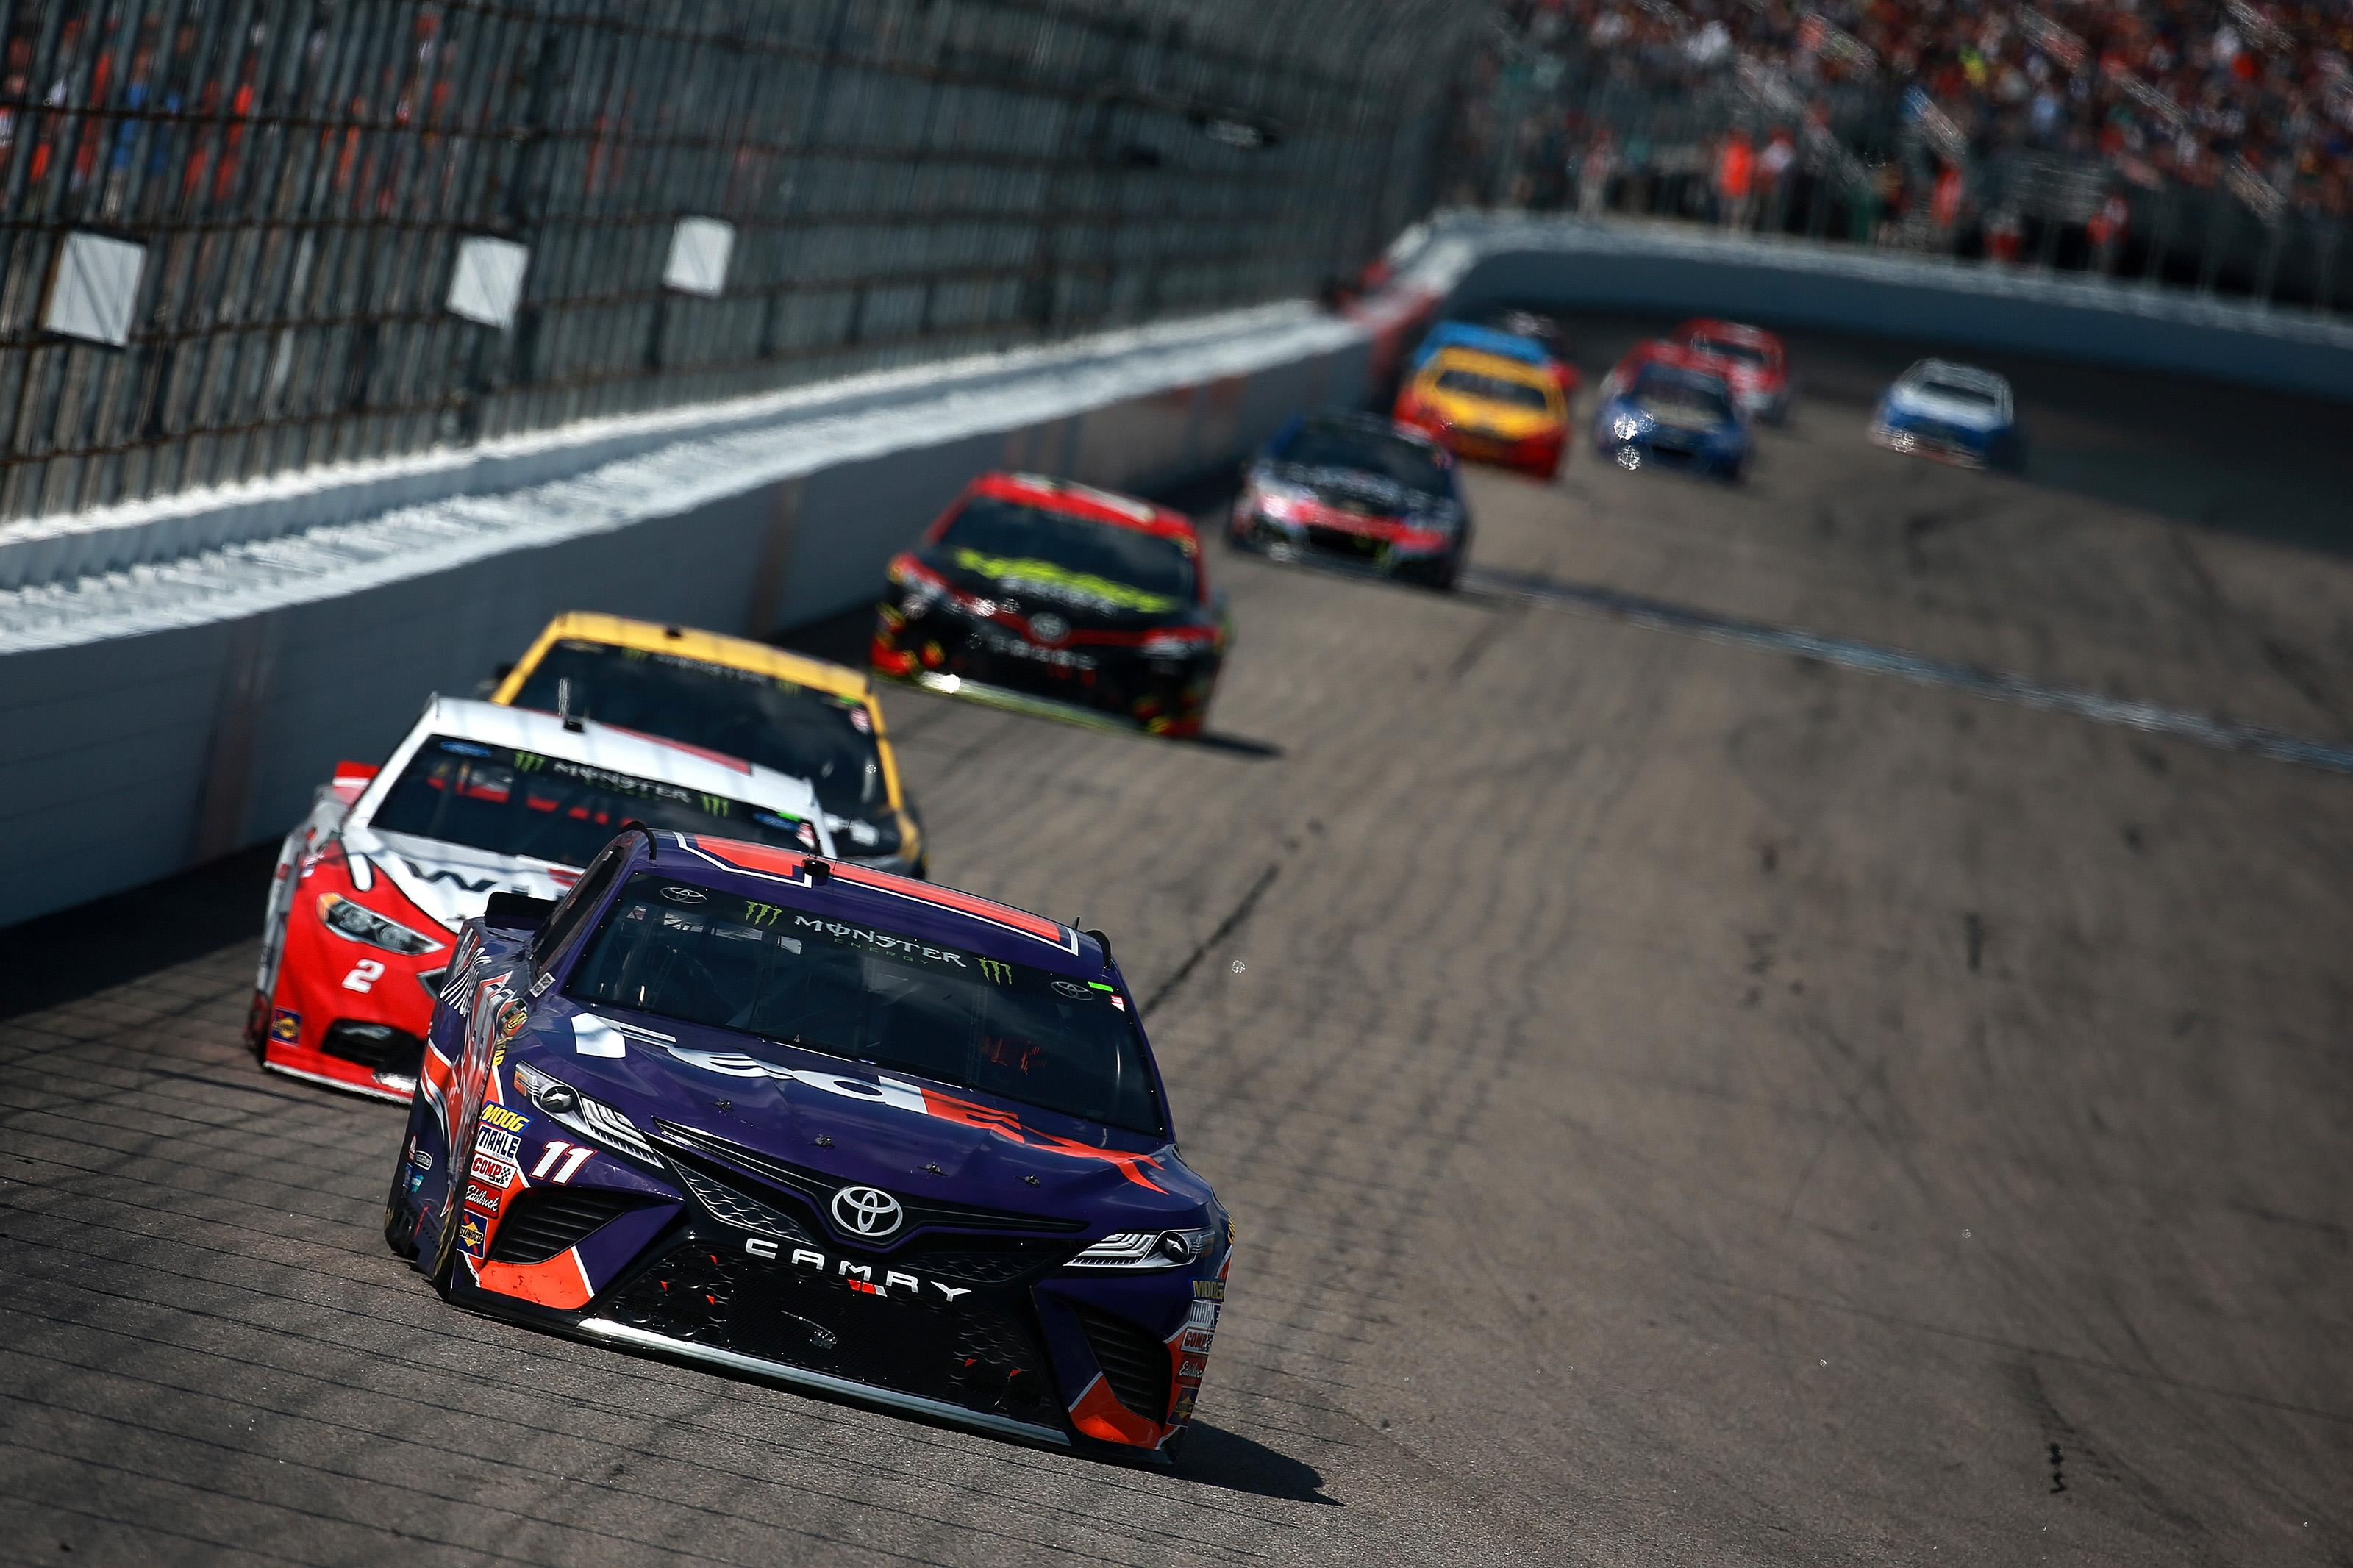 Danny Hamlin comments on NASCAR drivers' salary